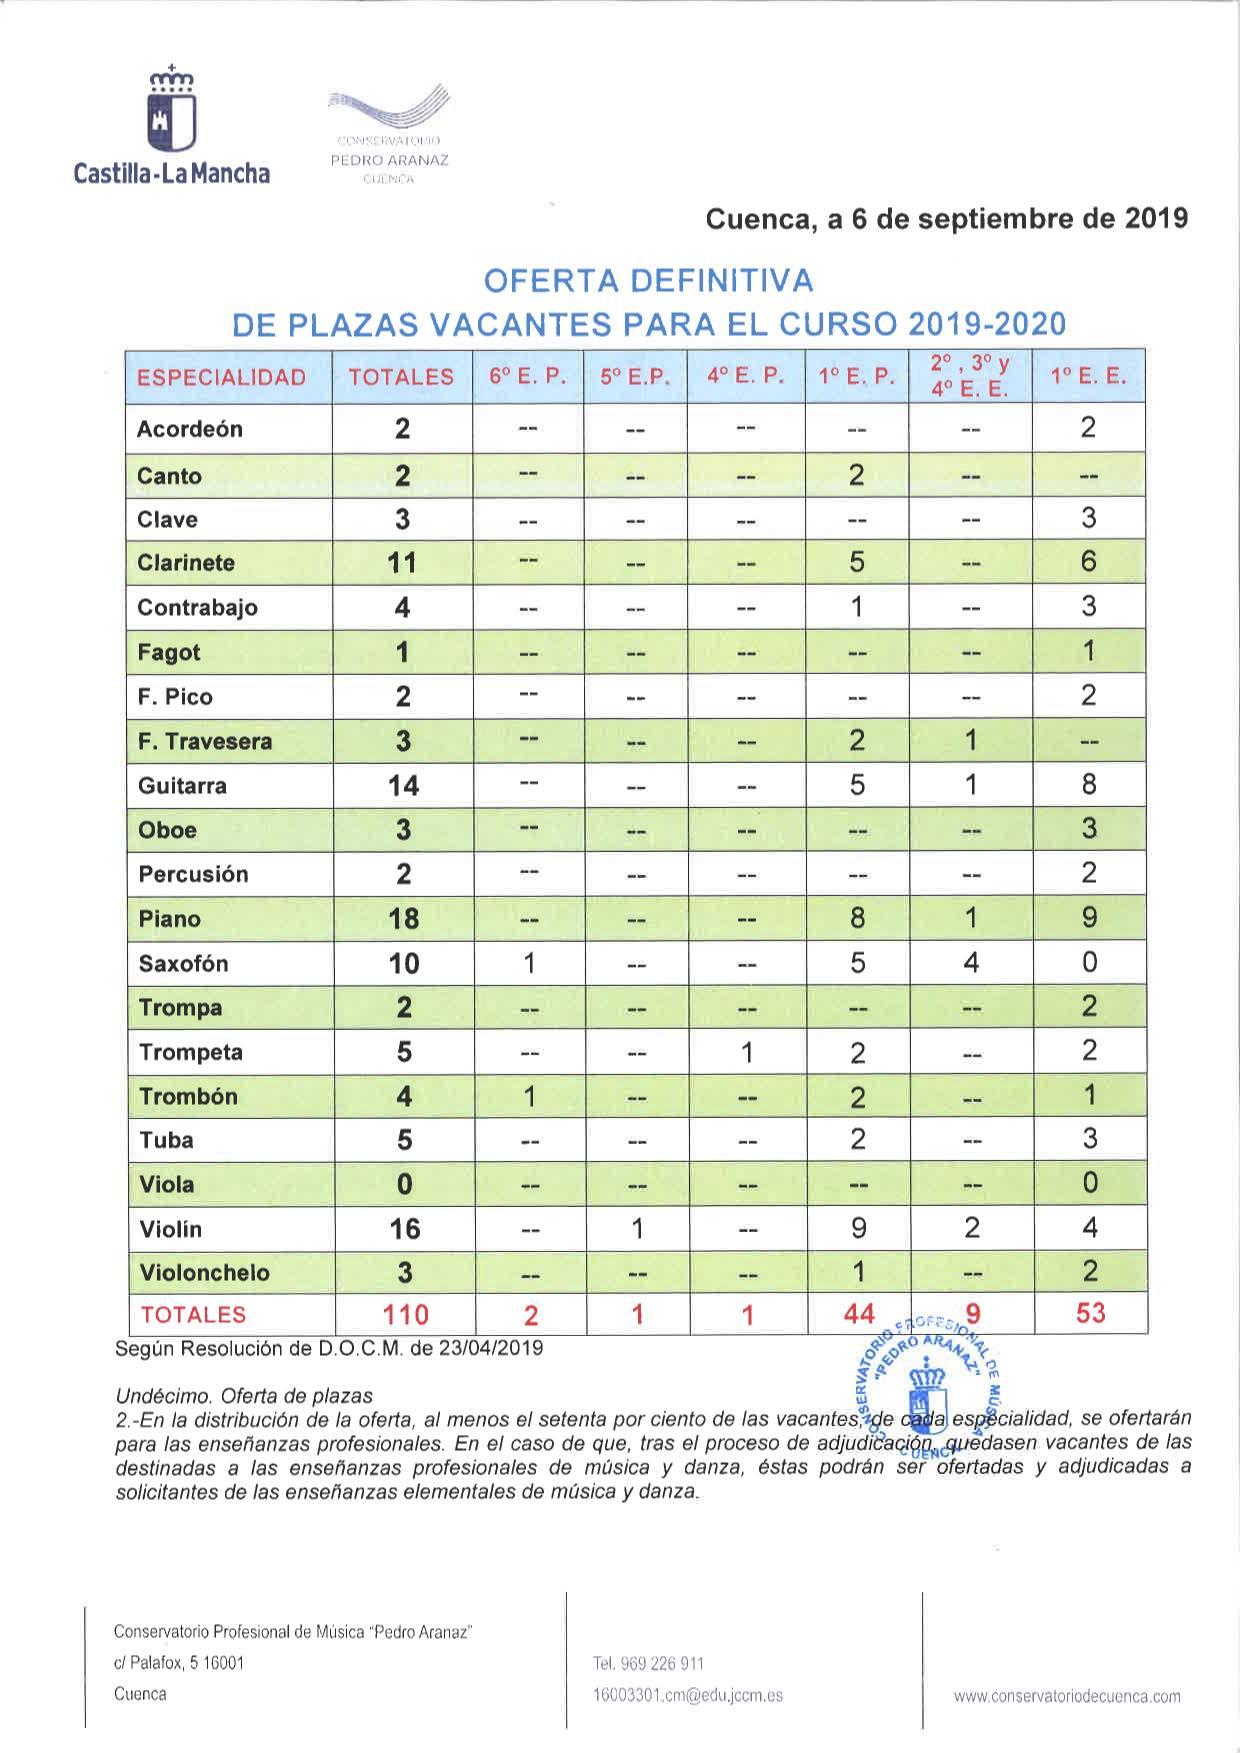 PUBLICACION VACANTES DEFINITIVAS 2019.jpg